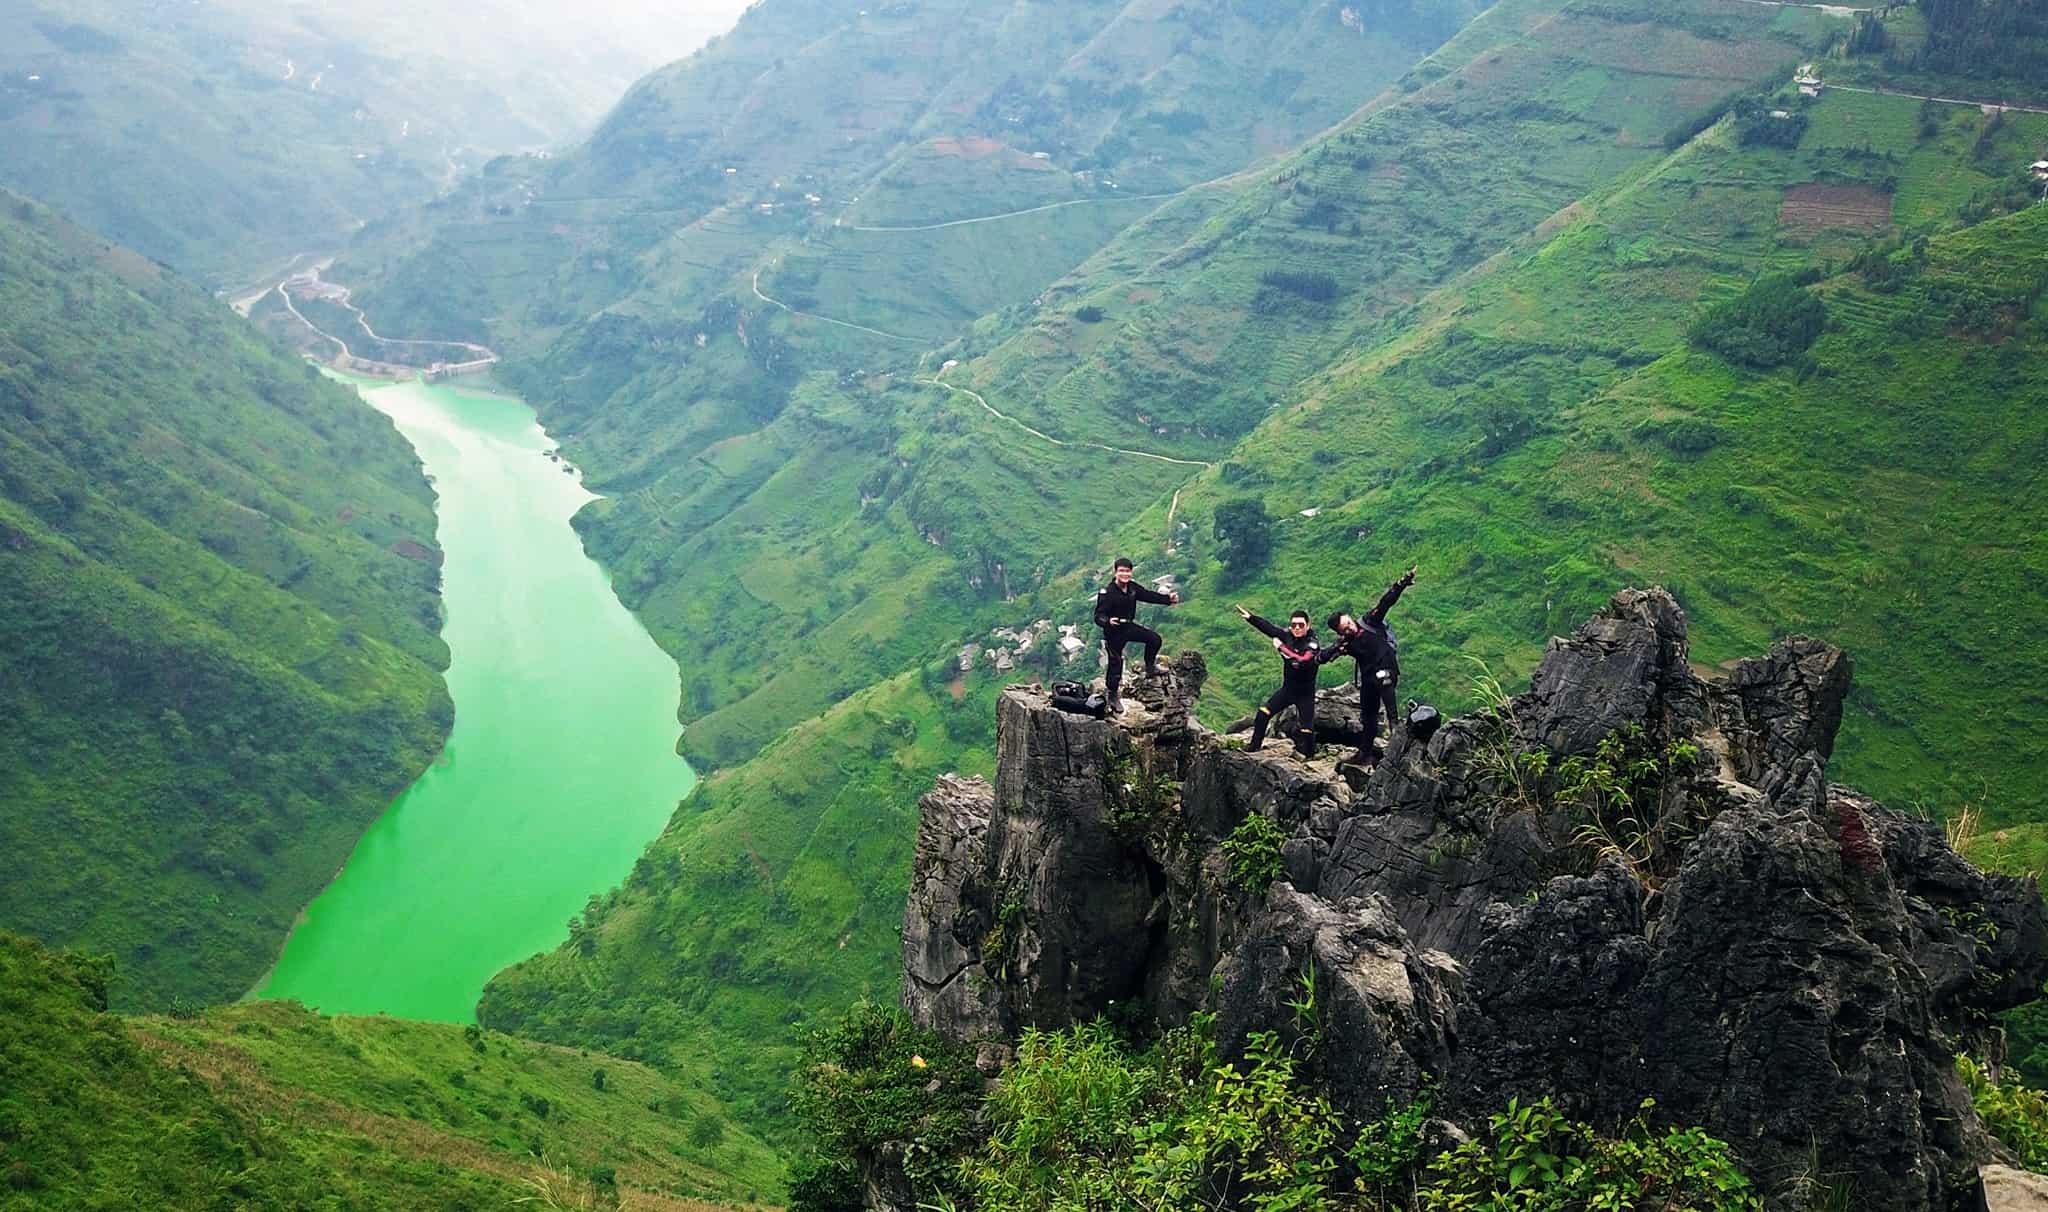 Quang cảnh thiên thiên cao nguyên Đồng Văn gần hang Phương Thiện, đồi núi xanh tươi, 3 người đứng tạo dáng trên ngọn núi đá, ảnh chụp từ trên cao